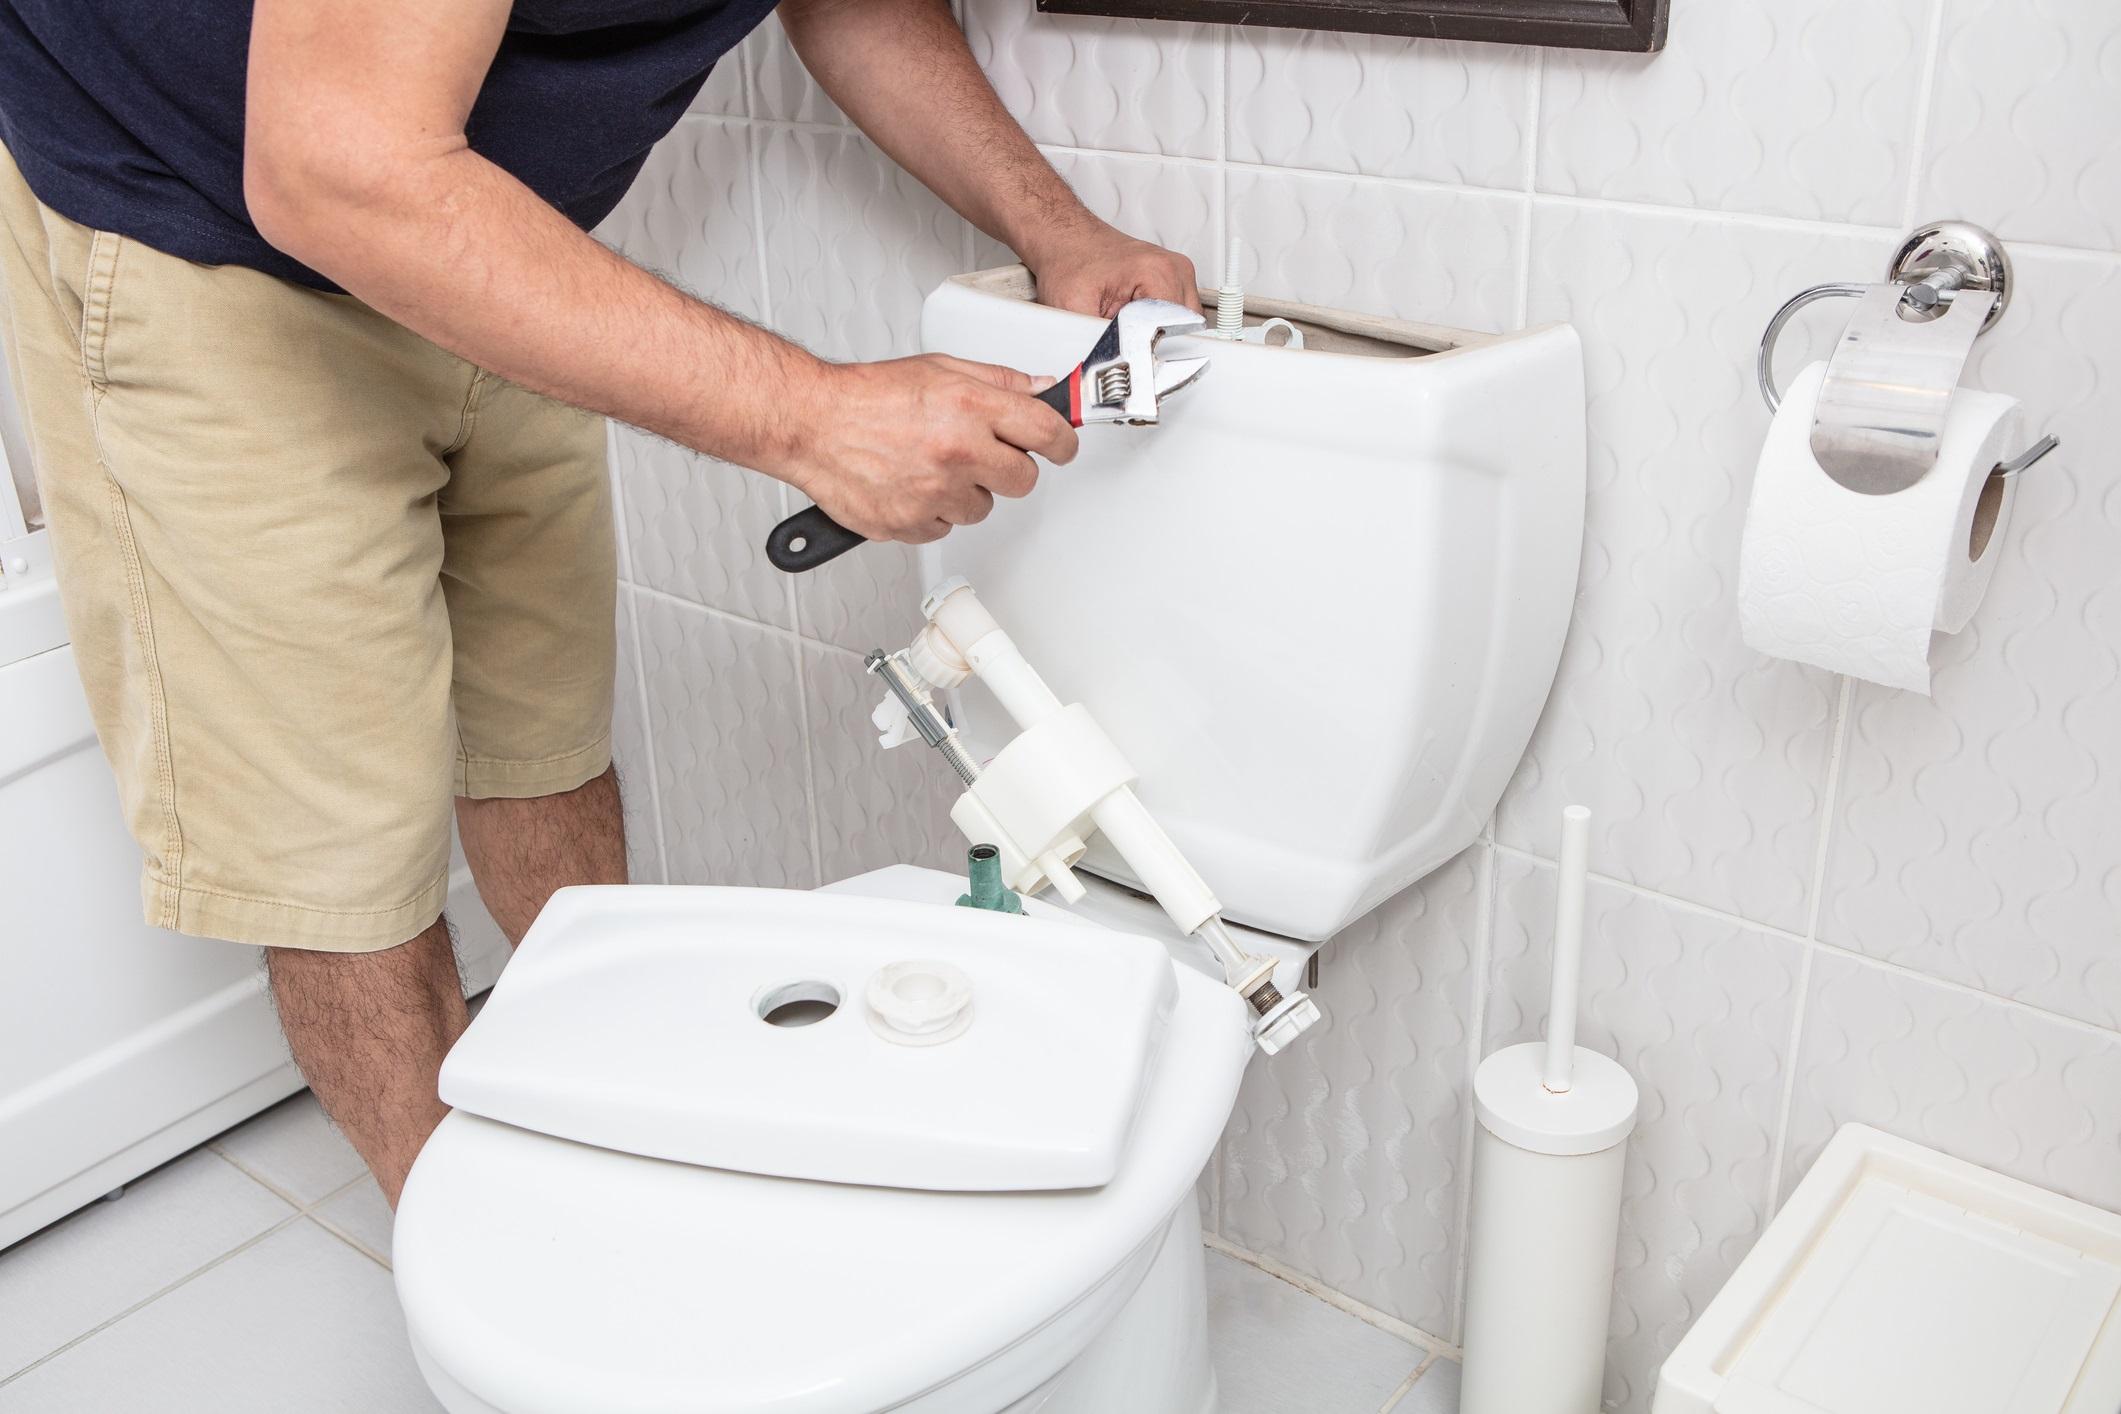 <p><strong>Отлагате дребните ремонти</strong></p>  <p>Времената са особено стресови, финансите ви вероятно не са в цветущо състояние. Но ако игнорирате дребни ремонти, от които се нуждае домът ви, това ще направи ситуацията още по-лоша. Например течащата тоалетна означава загуба на вода = загуба на пари.</p>